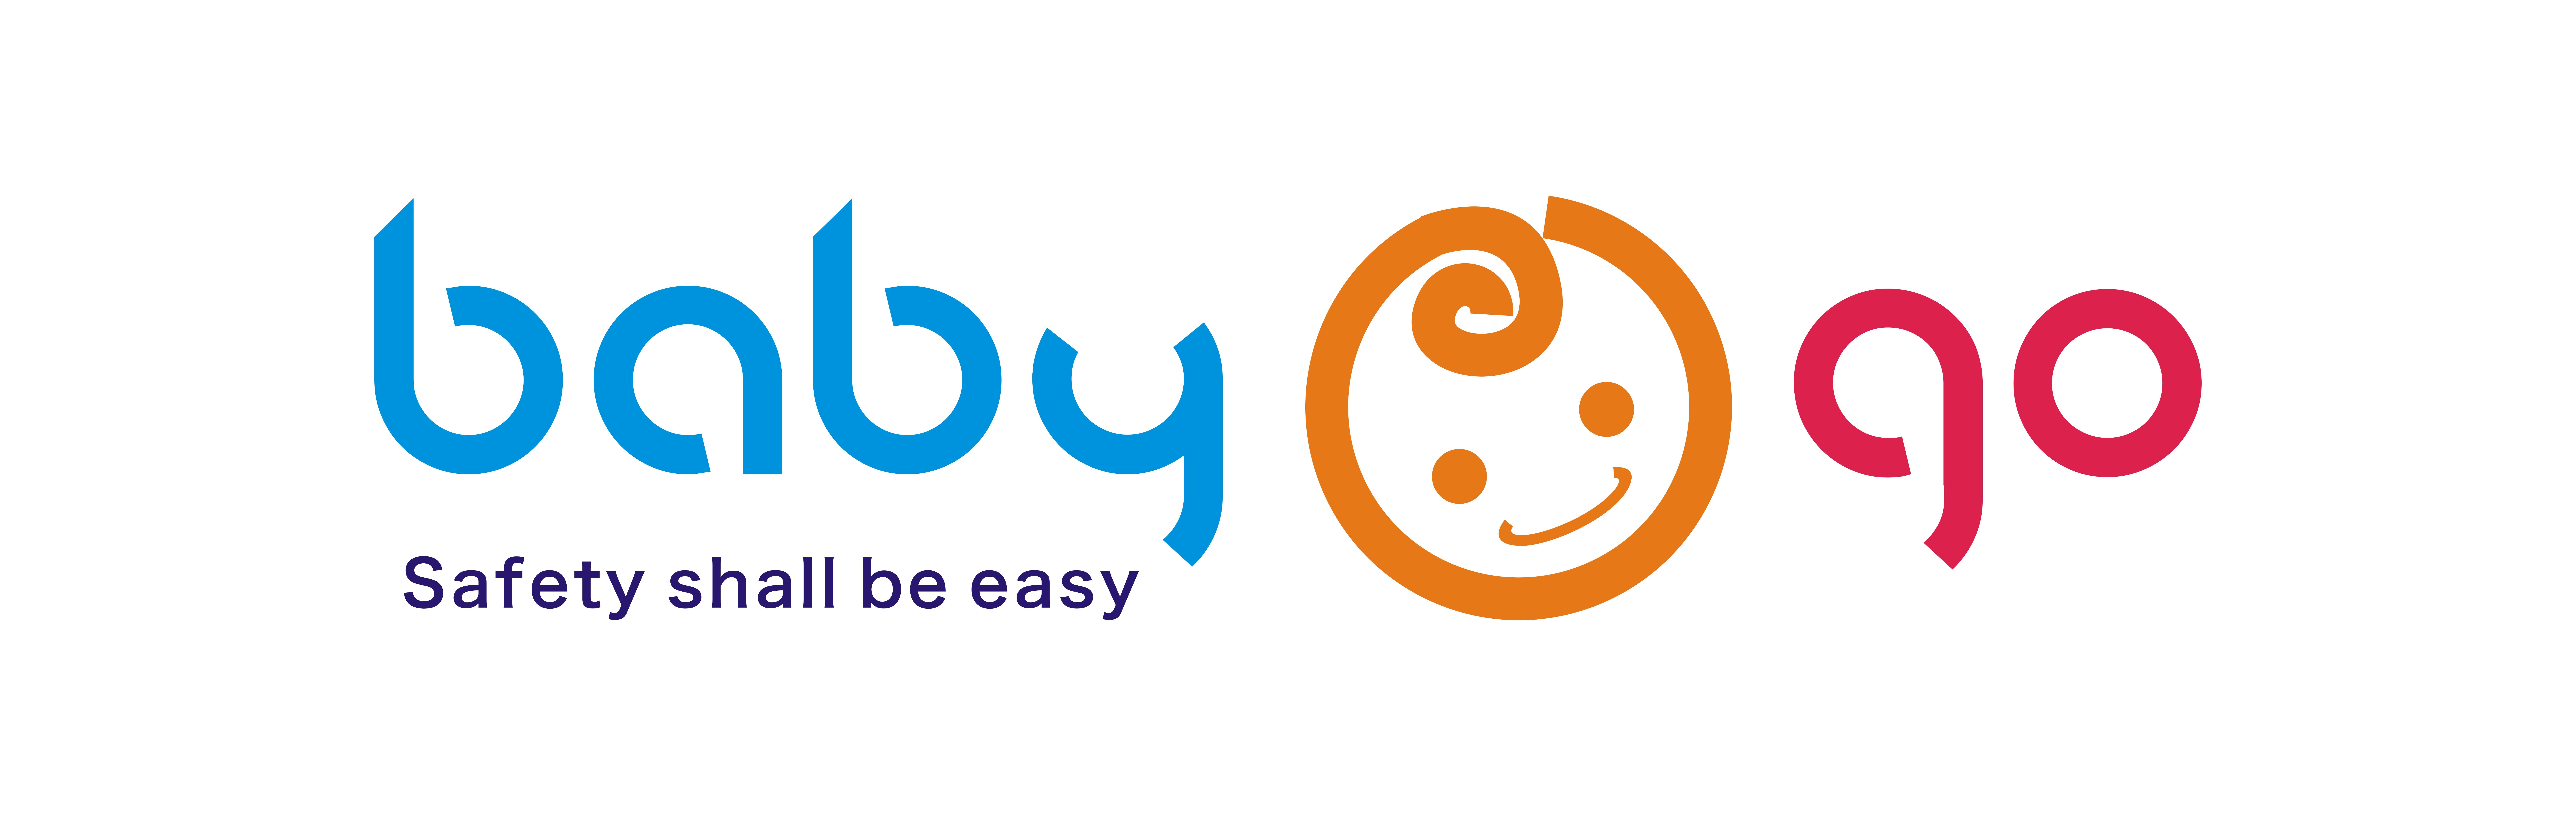 宁波江和婴童安全科技有限公司